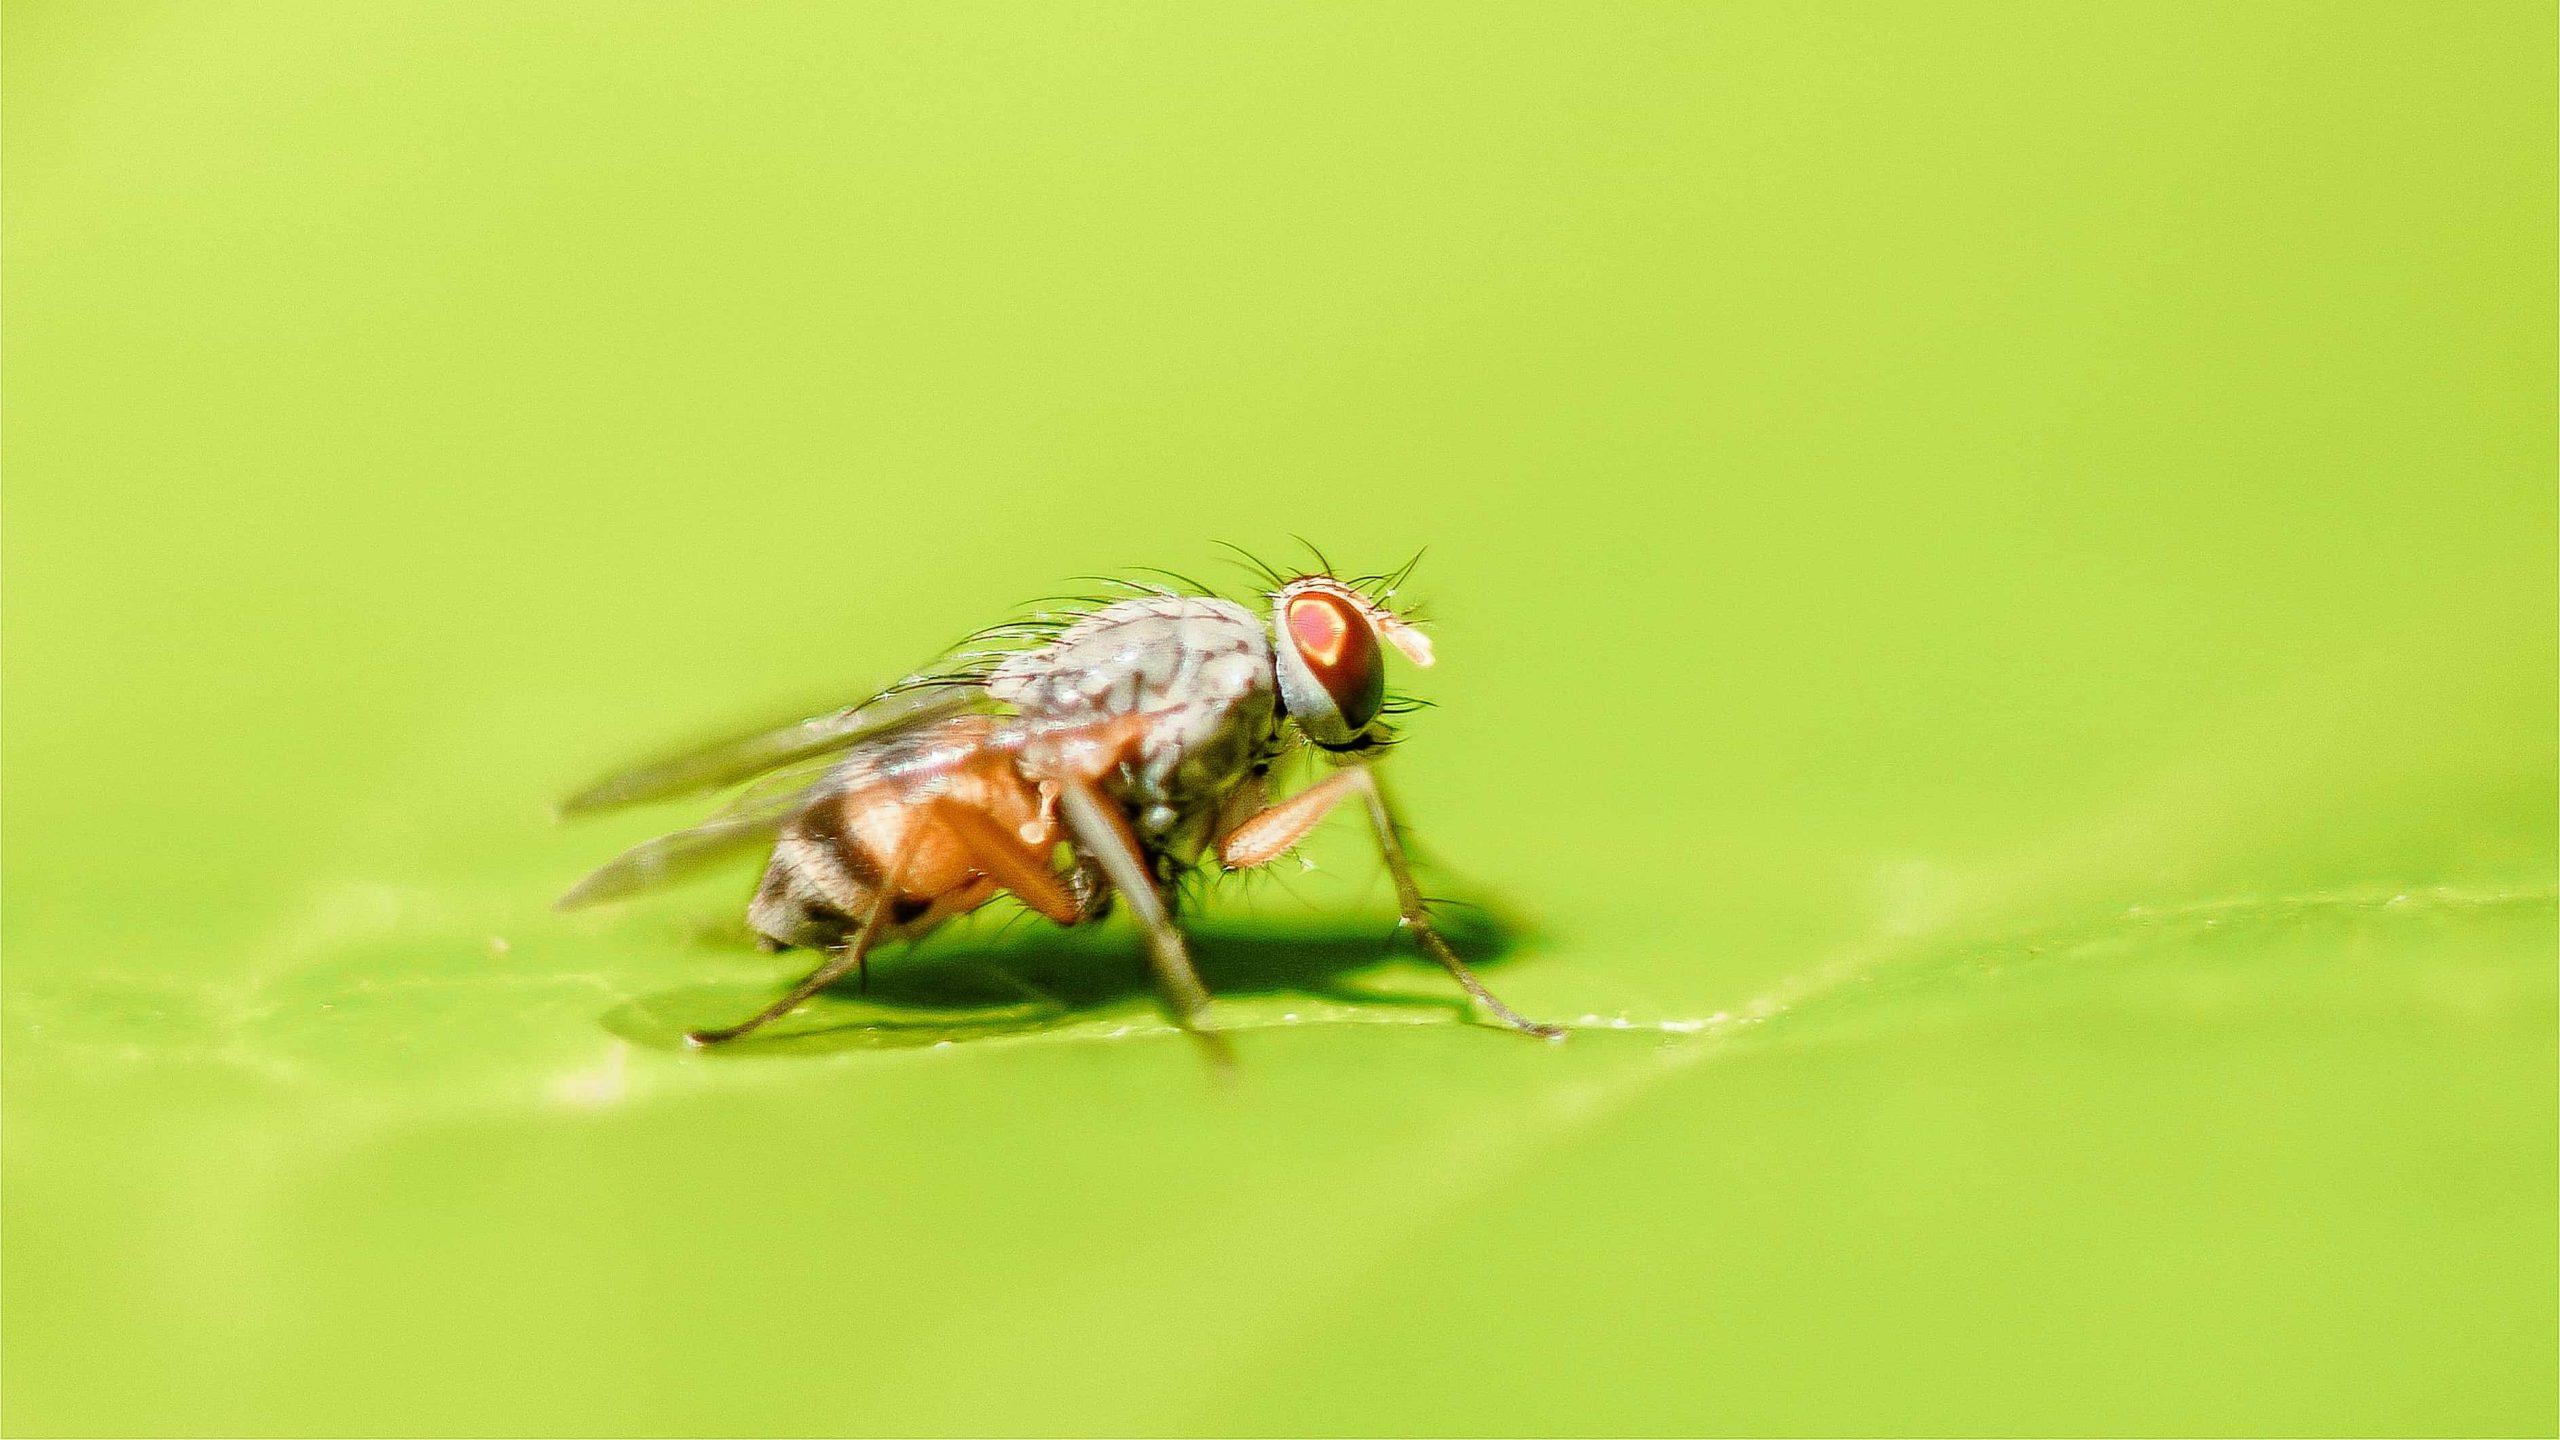 Obstfliegen bekämpfen: Wertvolle Tipps und Tricks